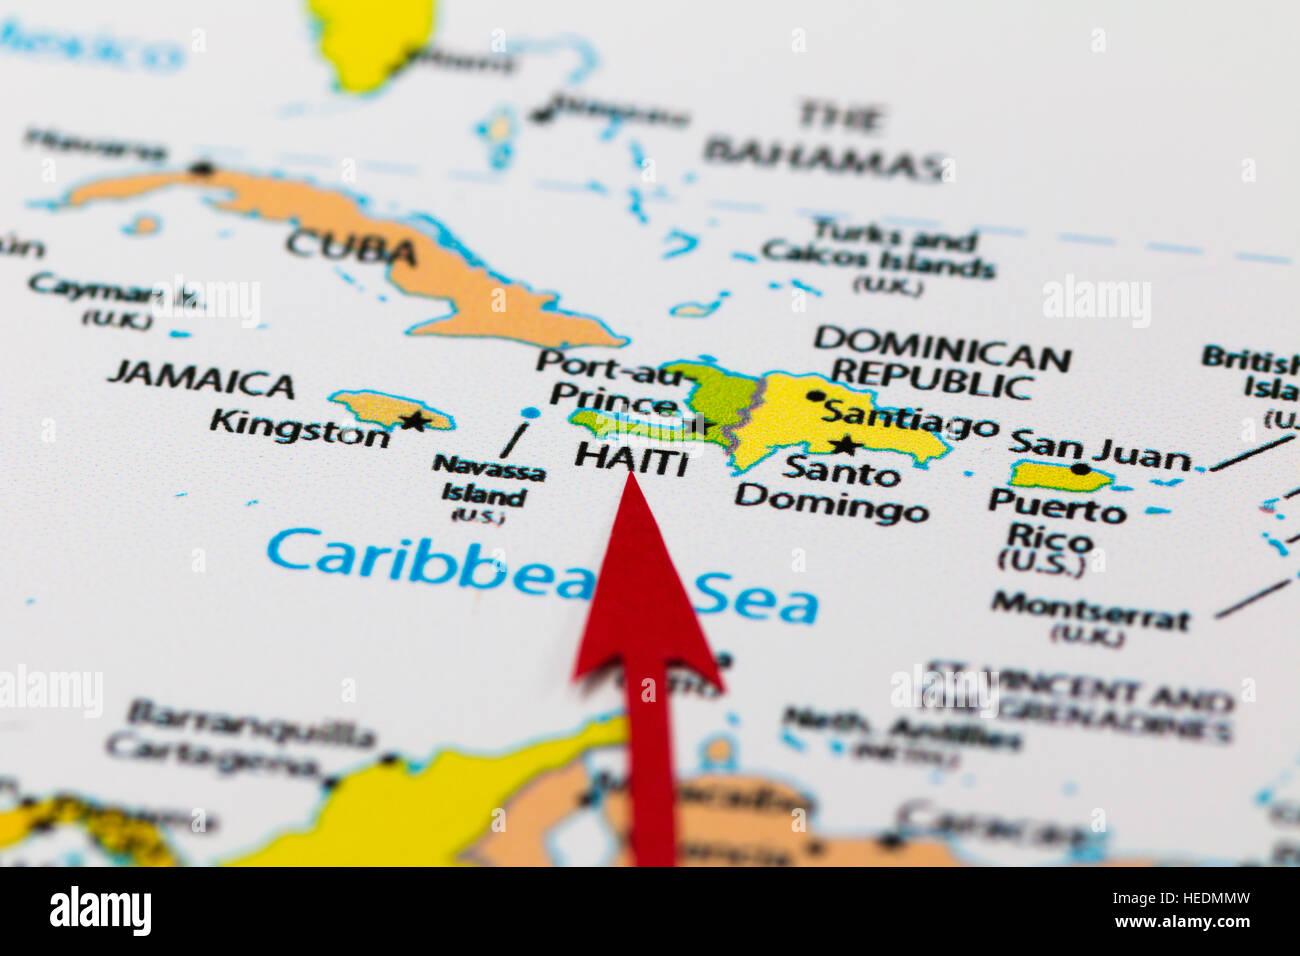 Haiti Map Stockfotos & Haiti Map Bilder - Alamy